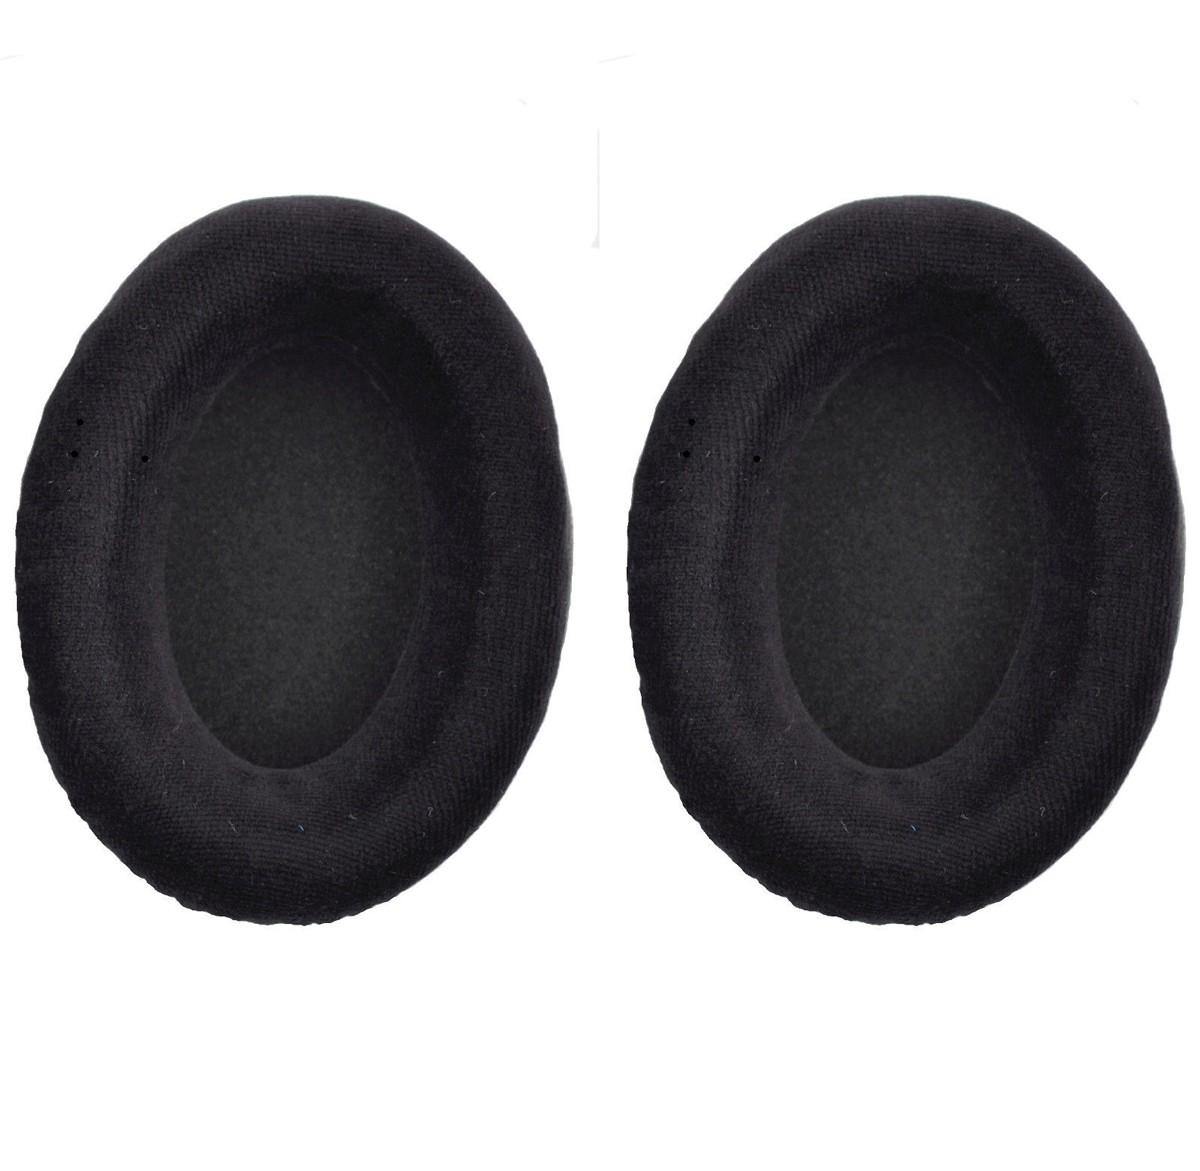 Sennheiser H50635 - Ear Cushions for Sennheiser HD545/565/580 Headphones – Pair